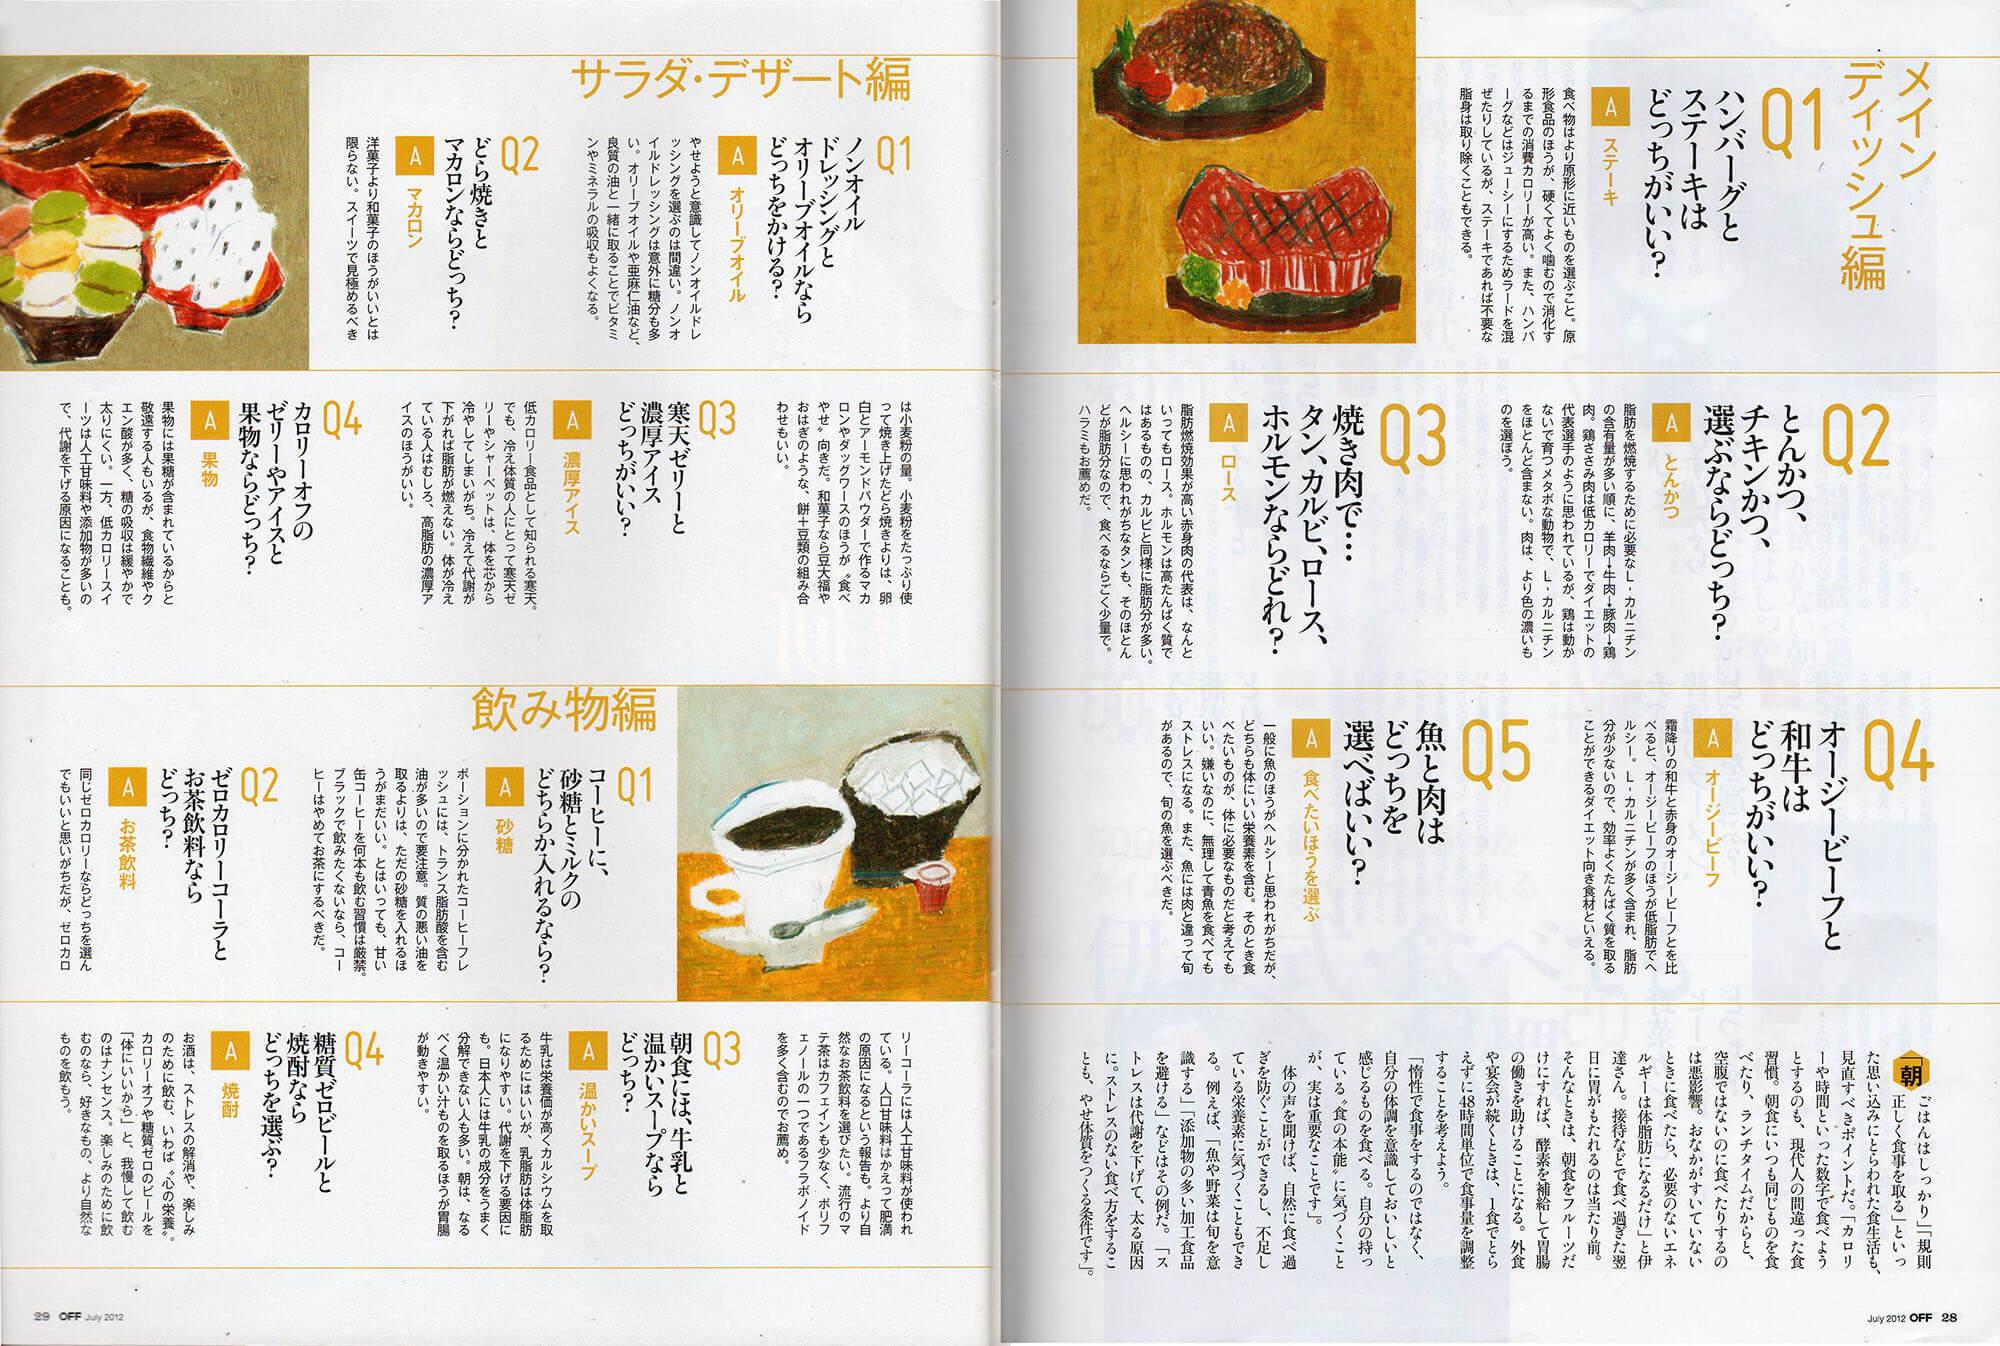 「日経おとなのOFF」挿絵 日経BP「記事内 ハンバーグとステーキ、どら焼きとマカロン、コーヒー」